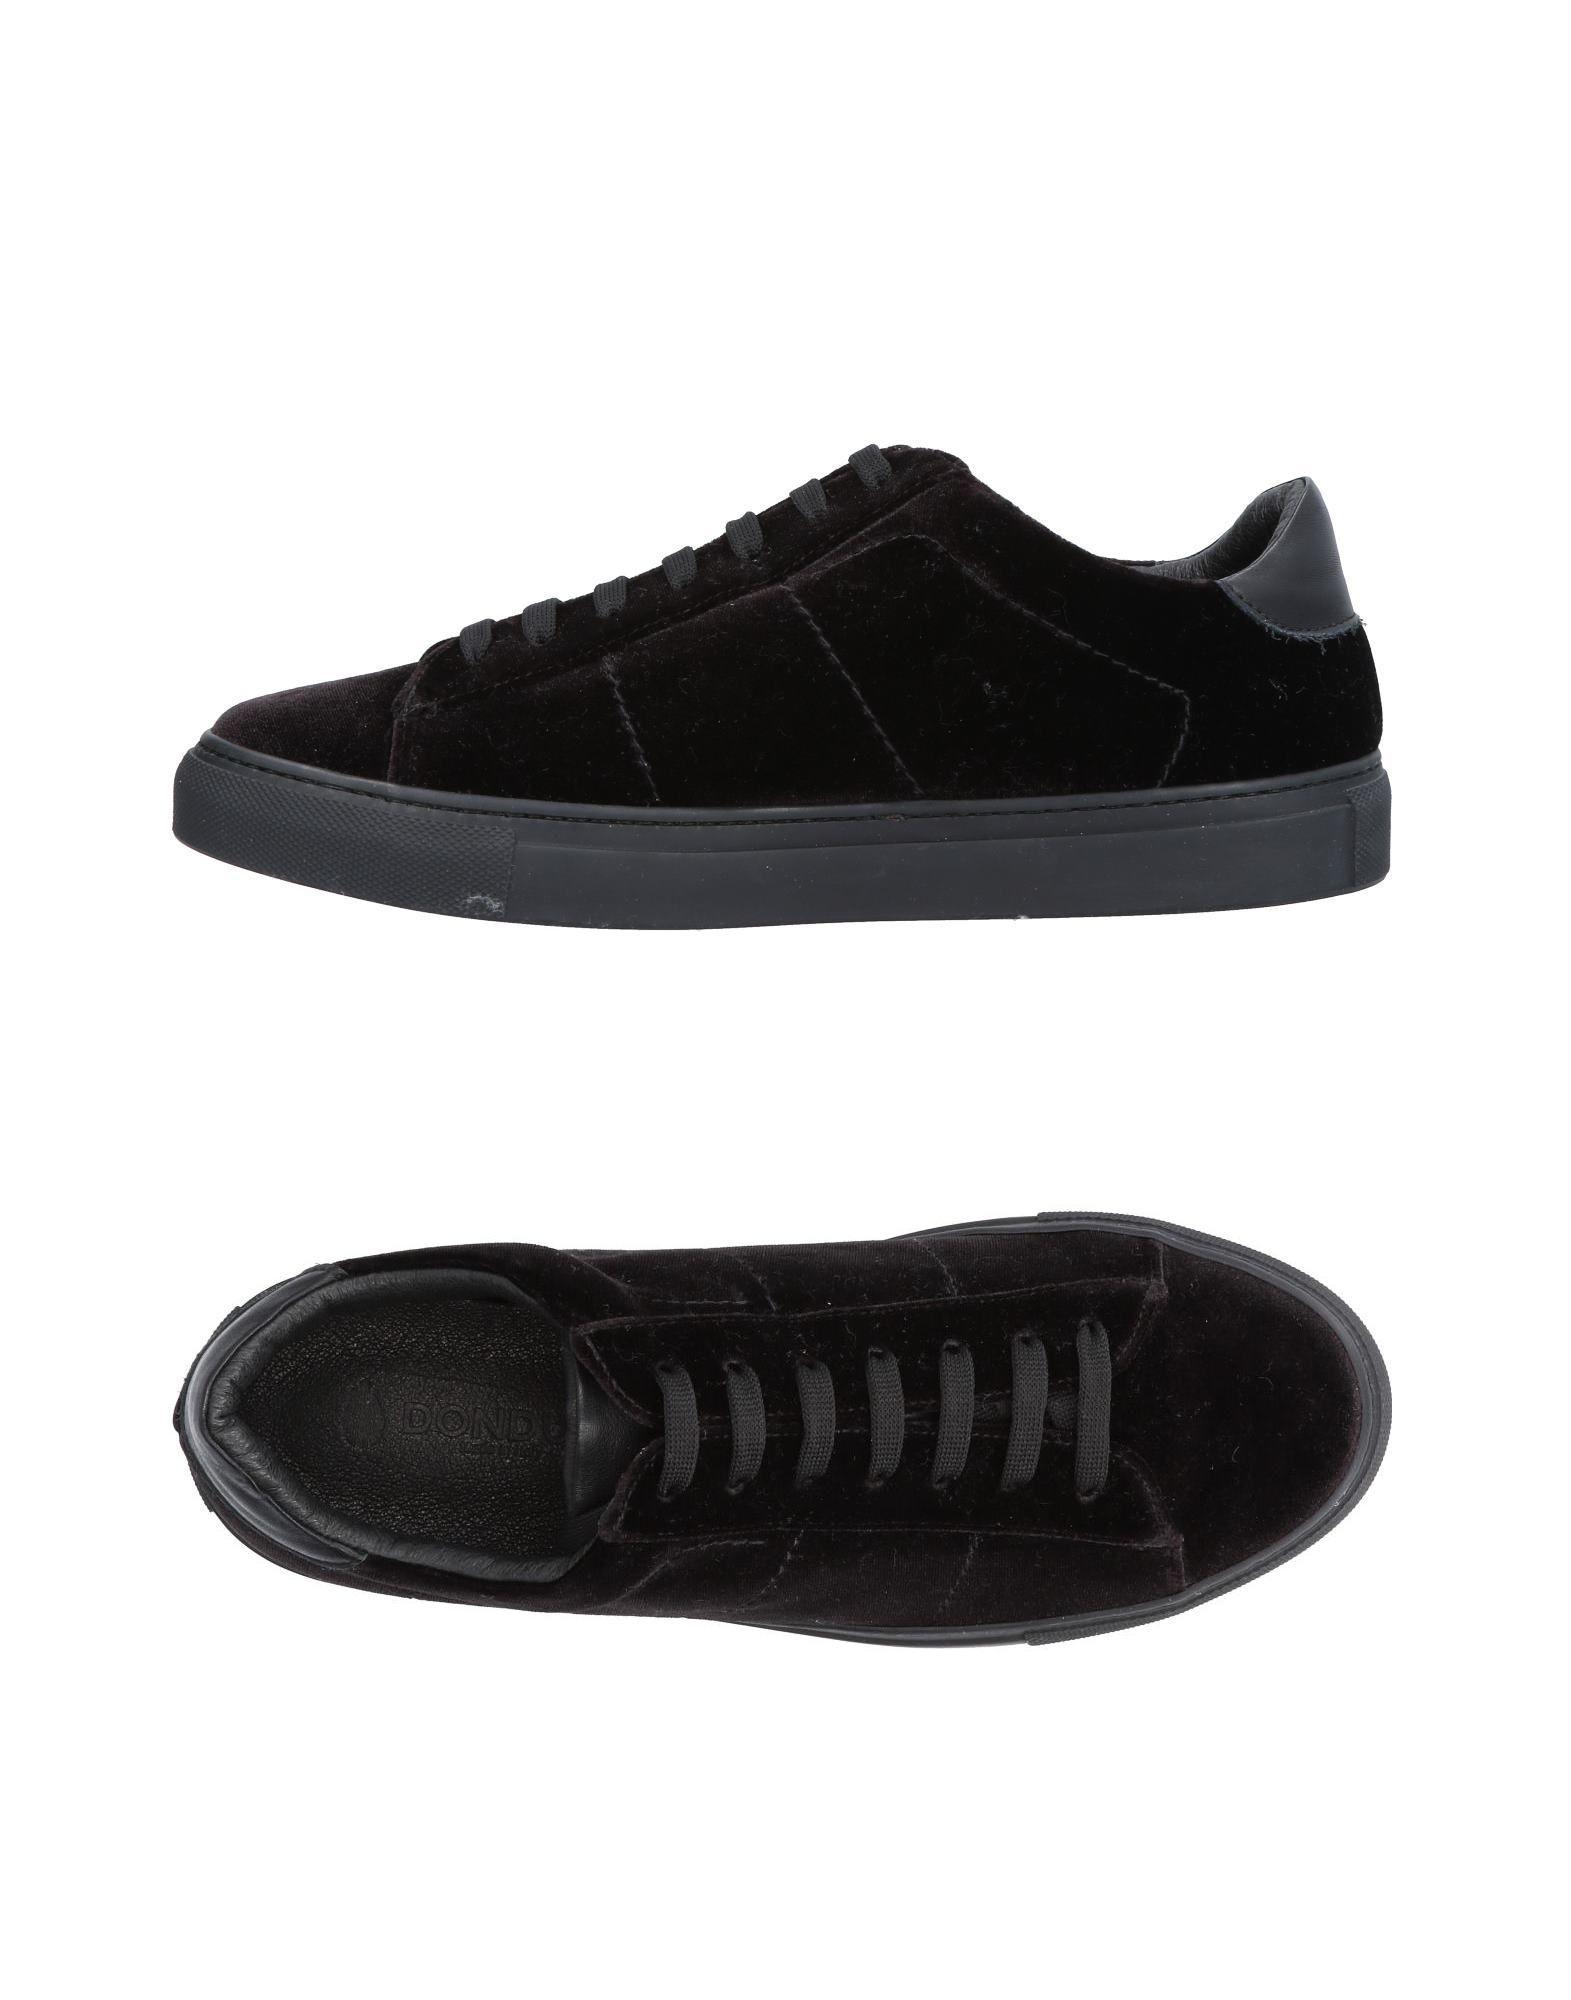 Sneakers Dondup Uomo - 11463299WM Scarpe economiche e buone